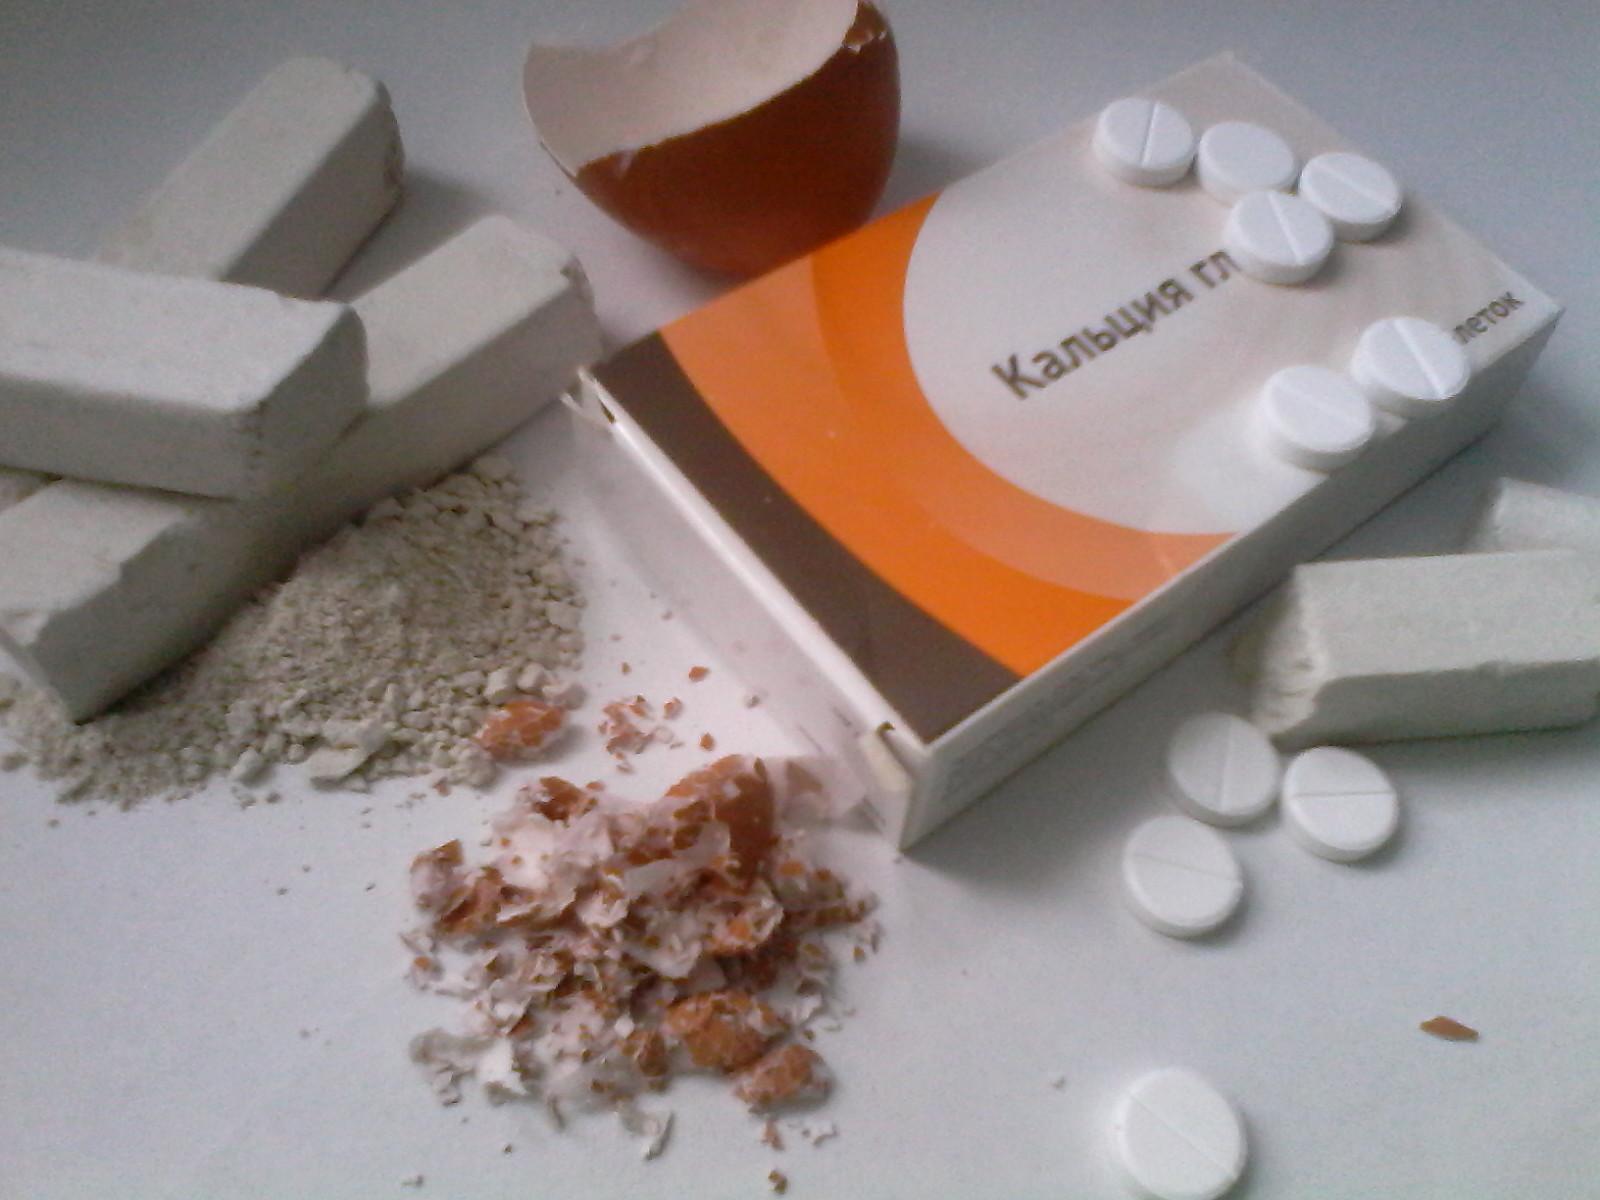 Аптечные препараты для бодибилдинга, по небольшой цене в любой аптеке